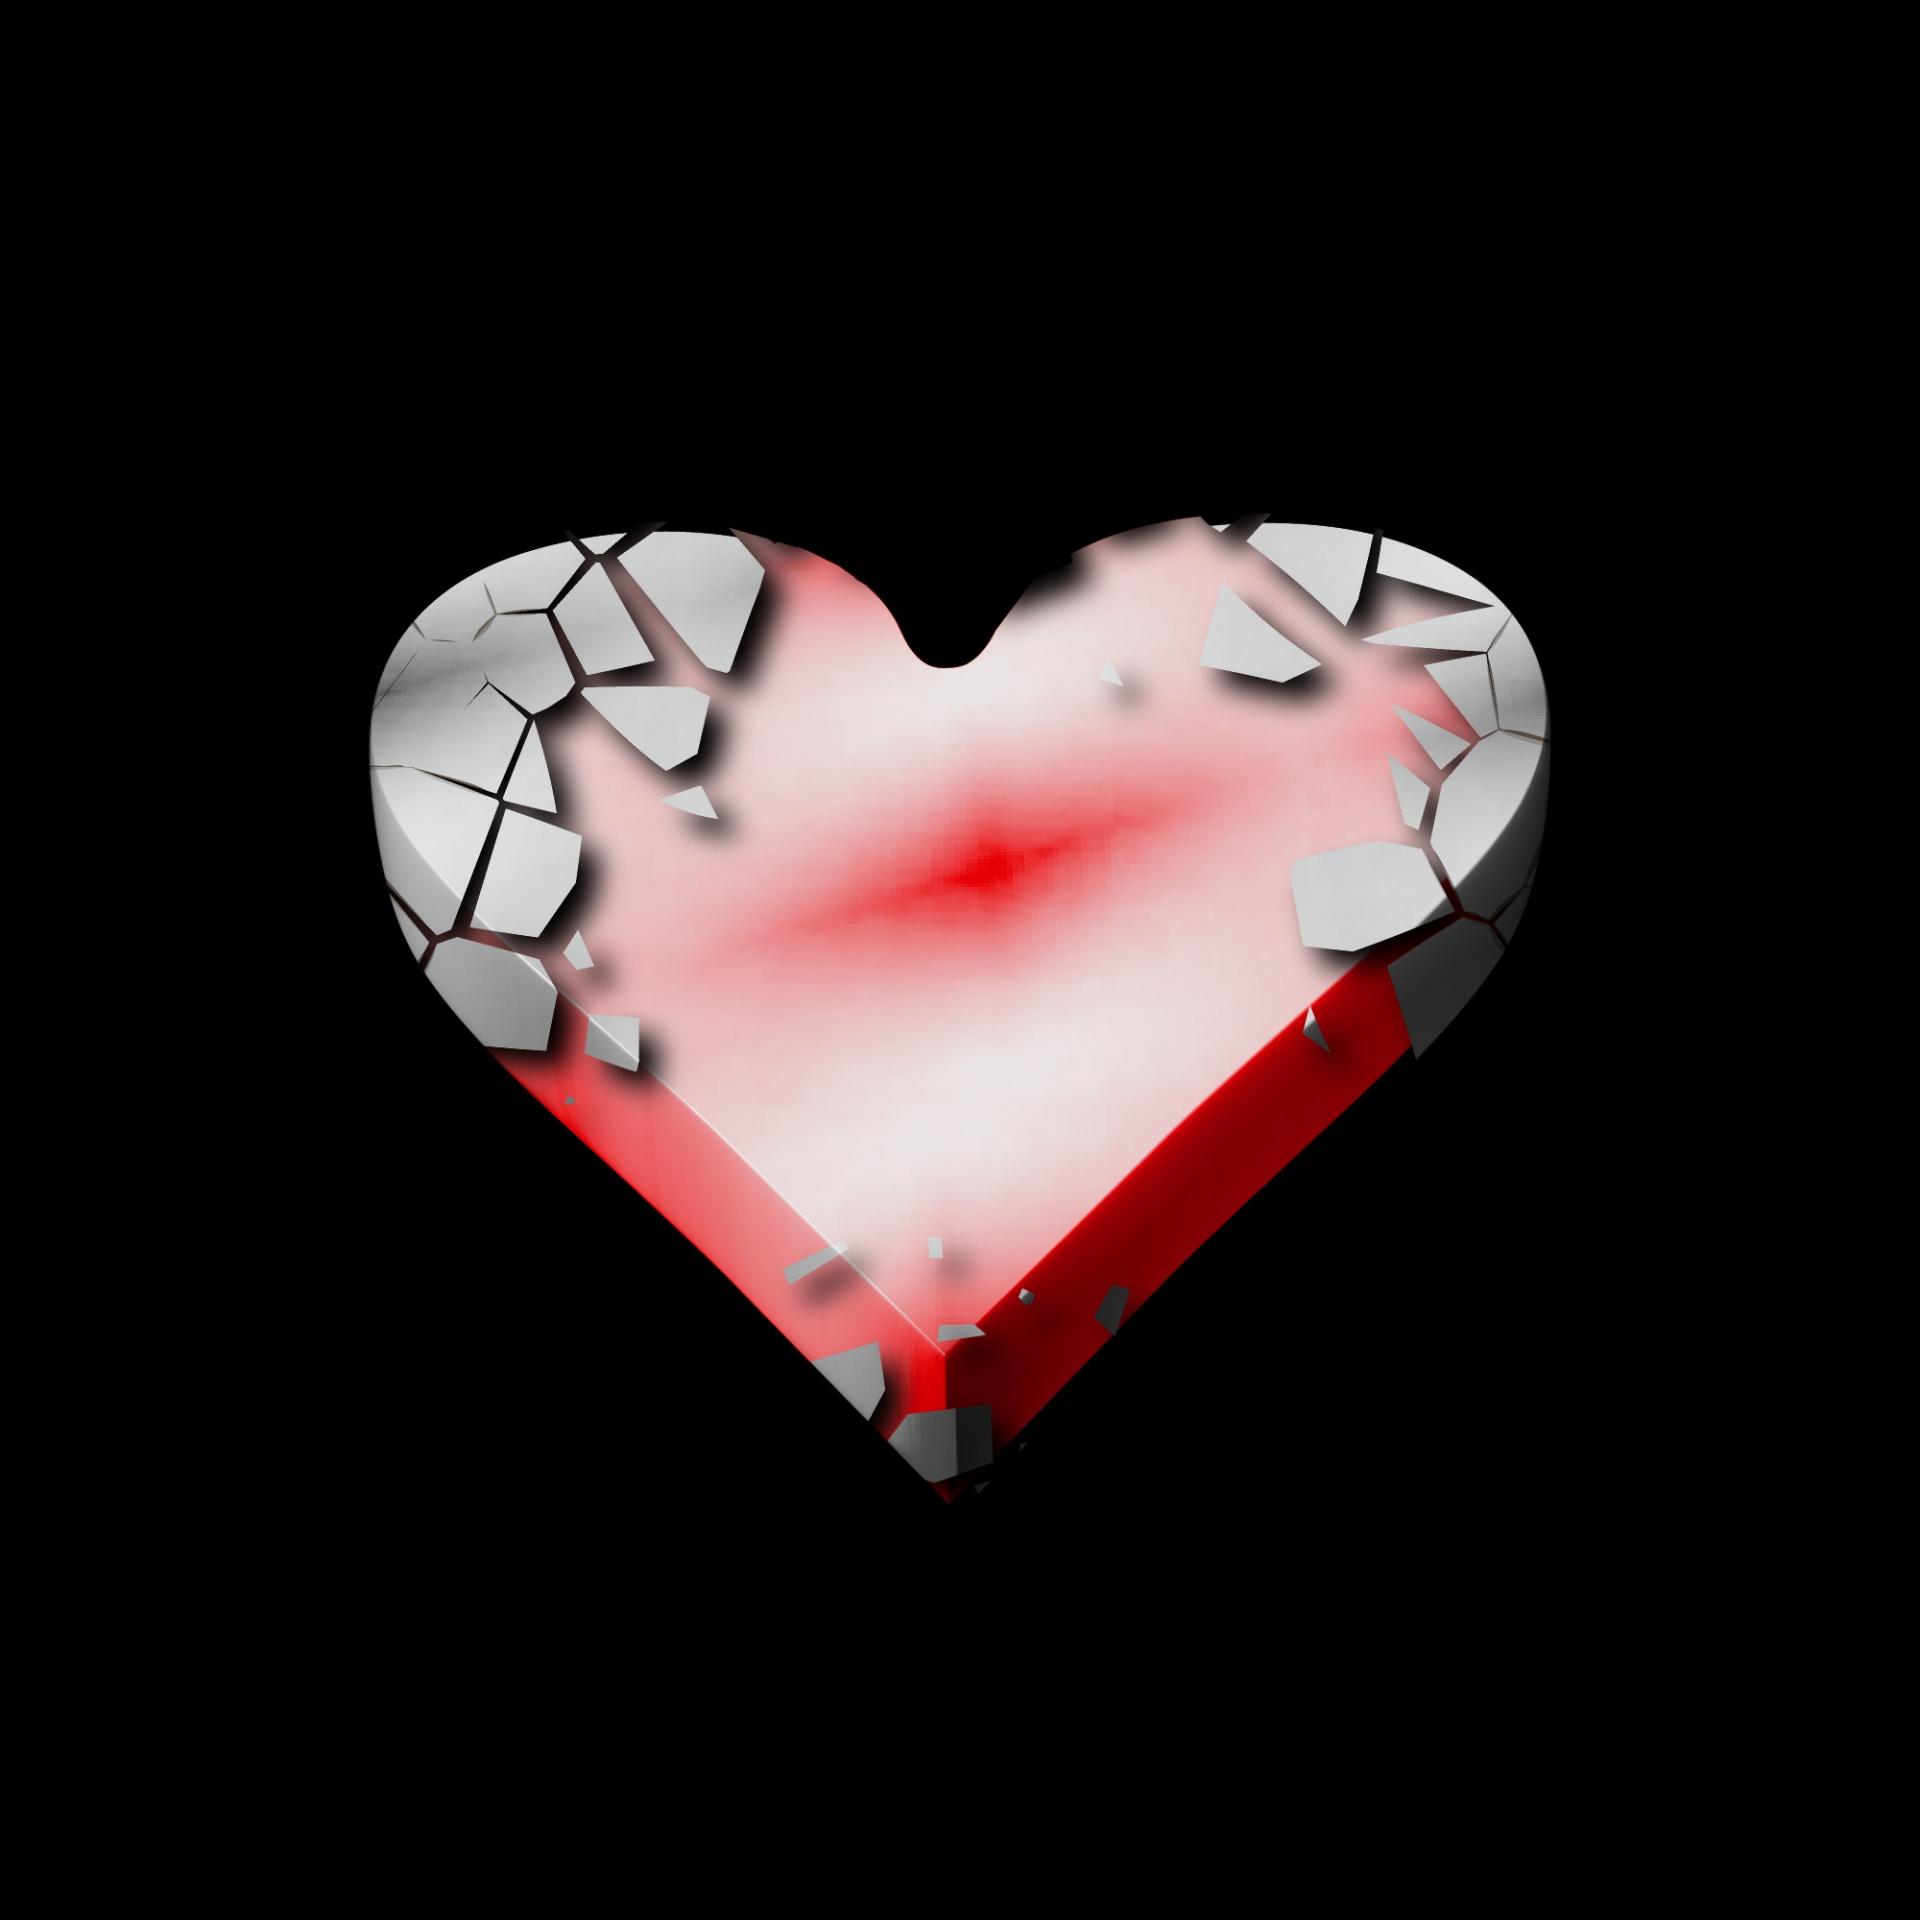 раздел для фотки картинки разбитое сердце в приложении тому